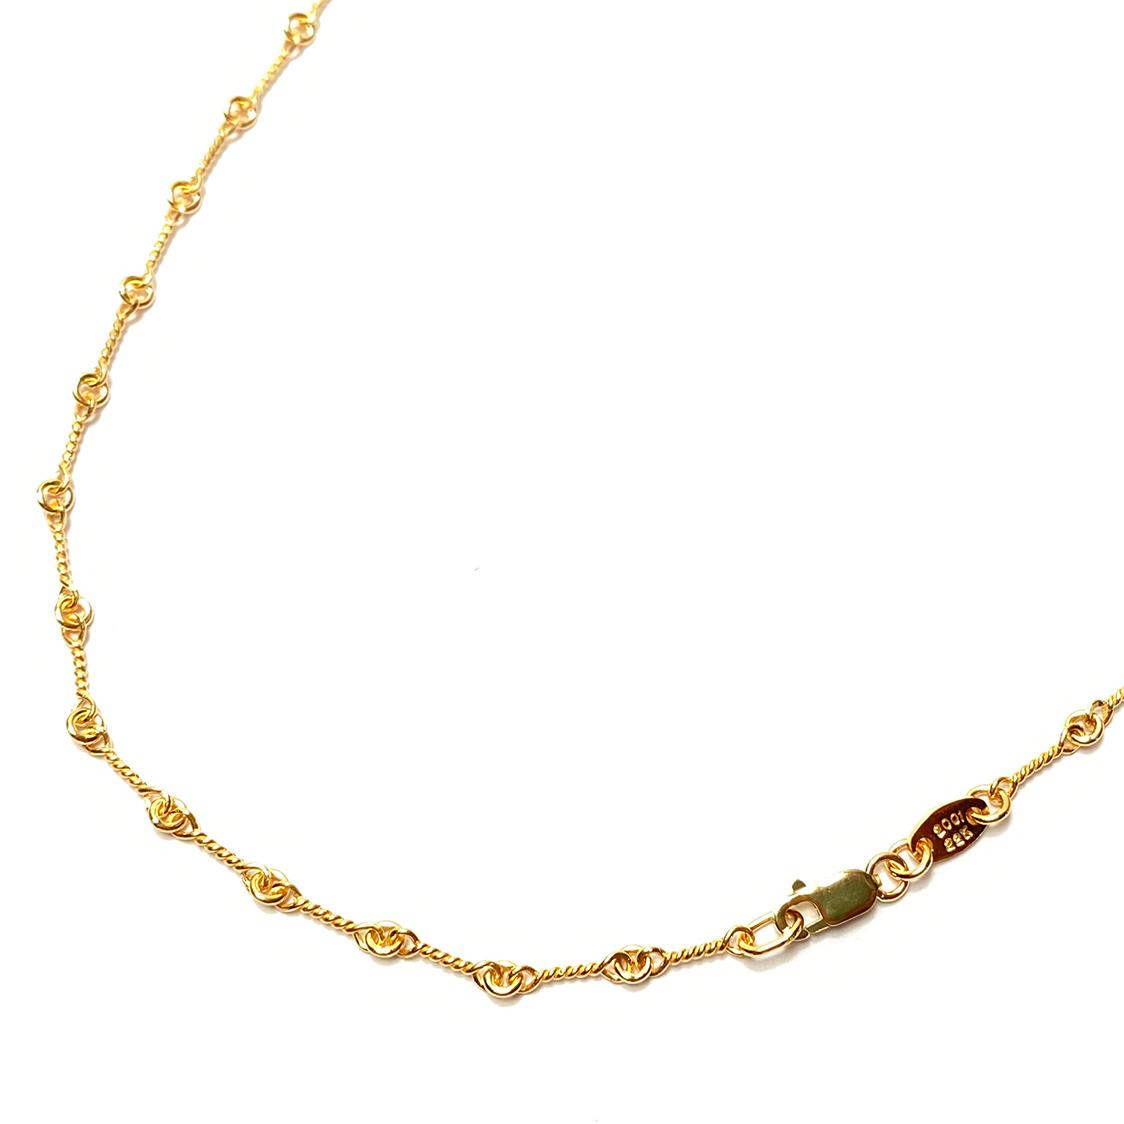 【期間限定価格】クロムハーツ CHROME HEARTS 22K ツイストチェーン 18インチ ネックレス ゴールド 約47cm